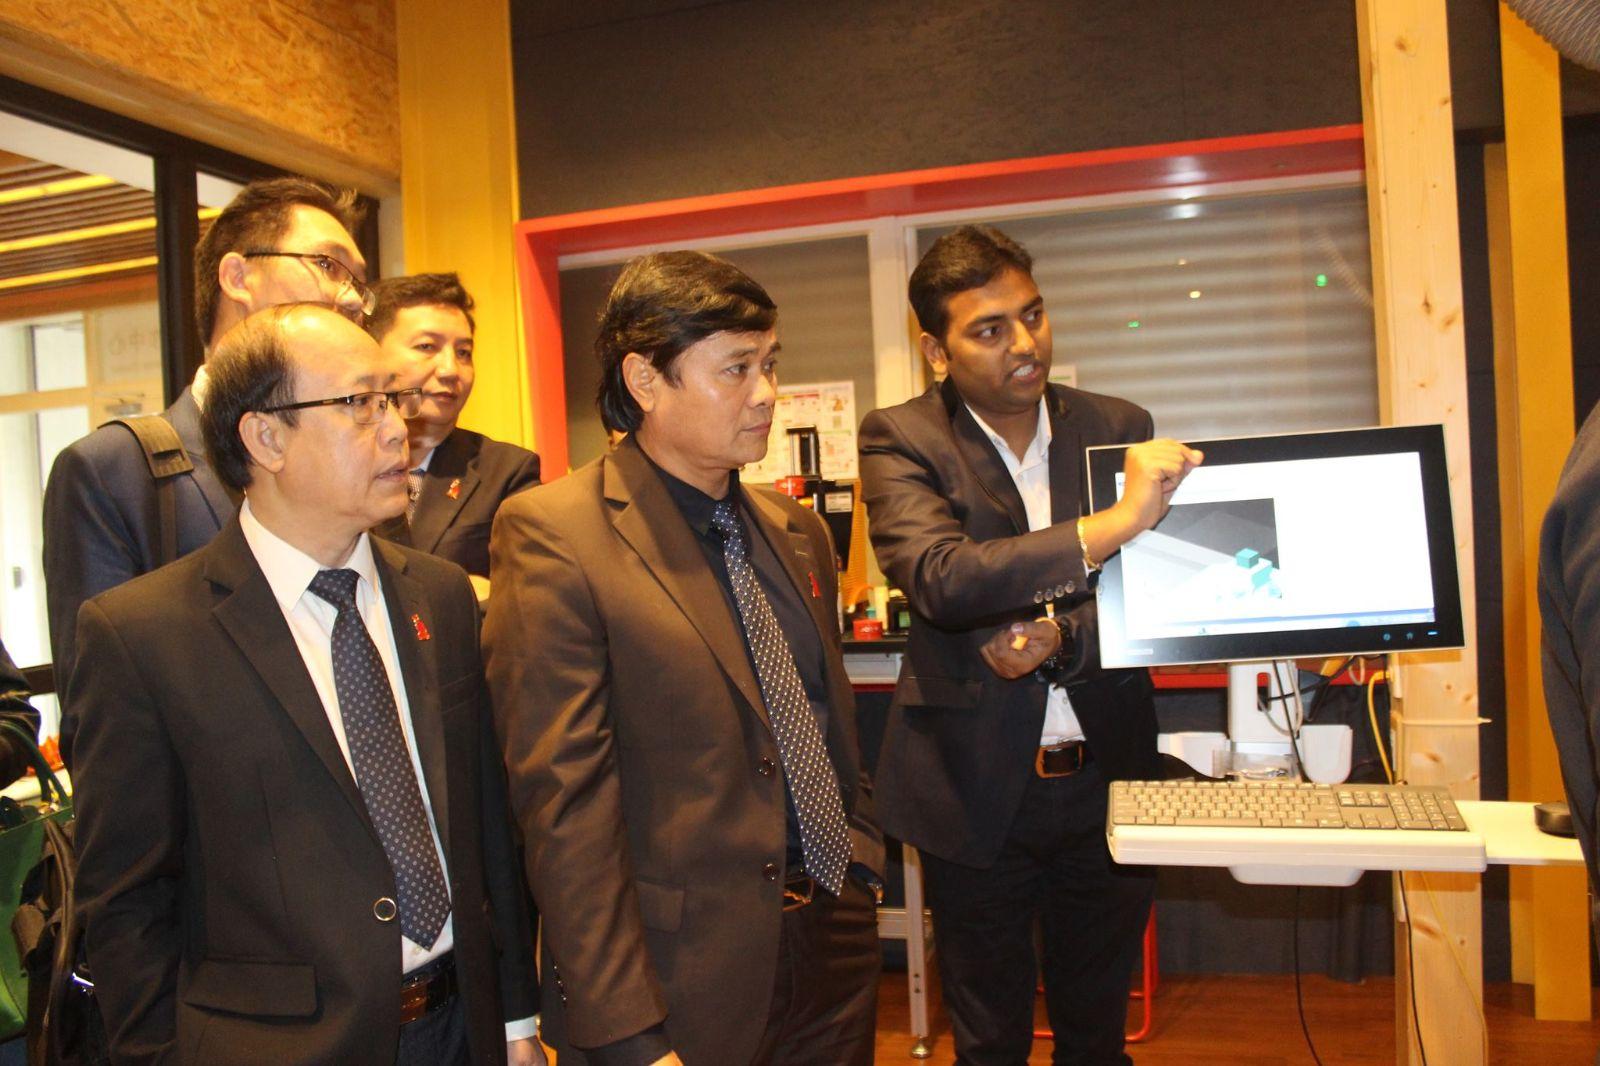 Triển khai chương trình hợp tác tại các Trường Đại học Đài Loan